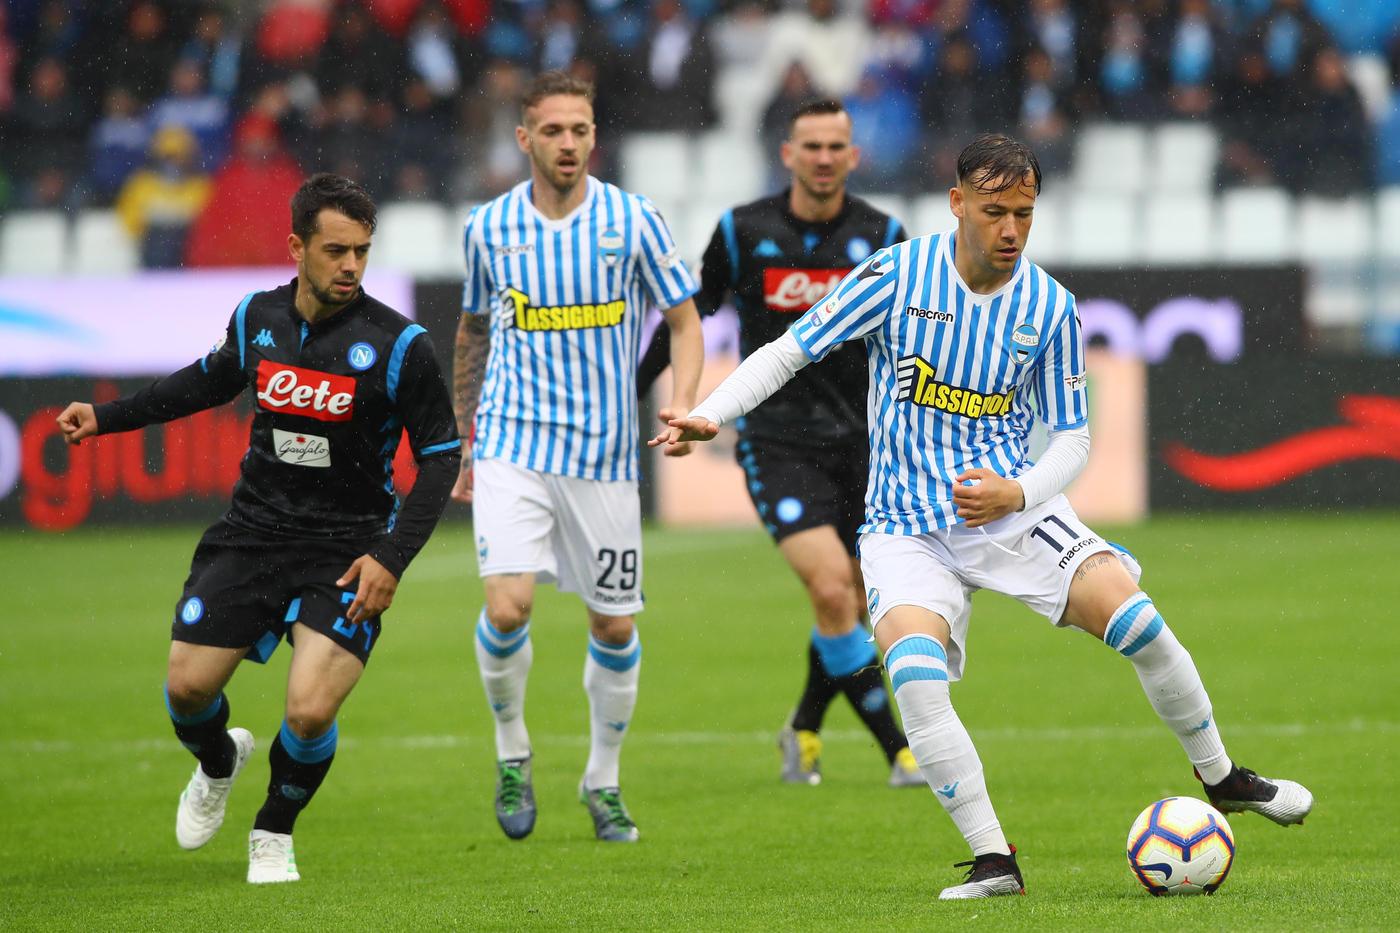 Serie A: il Napoli espugna il Mazza con Mario Rui